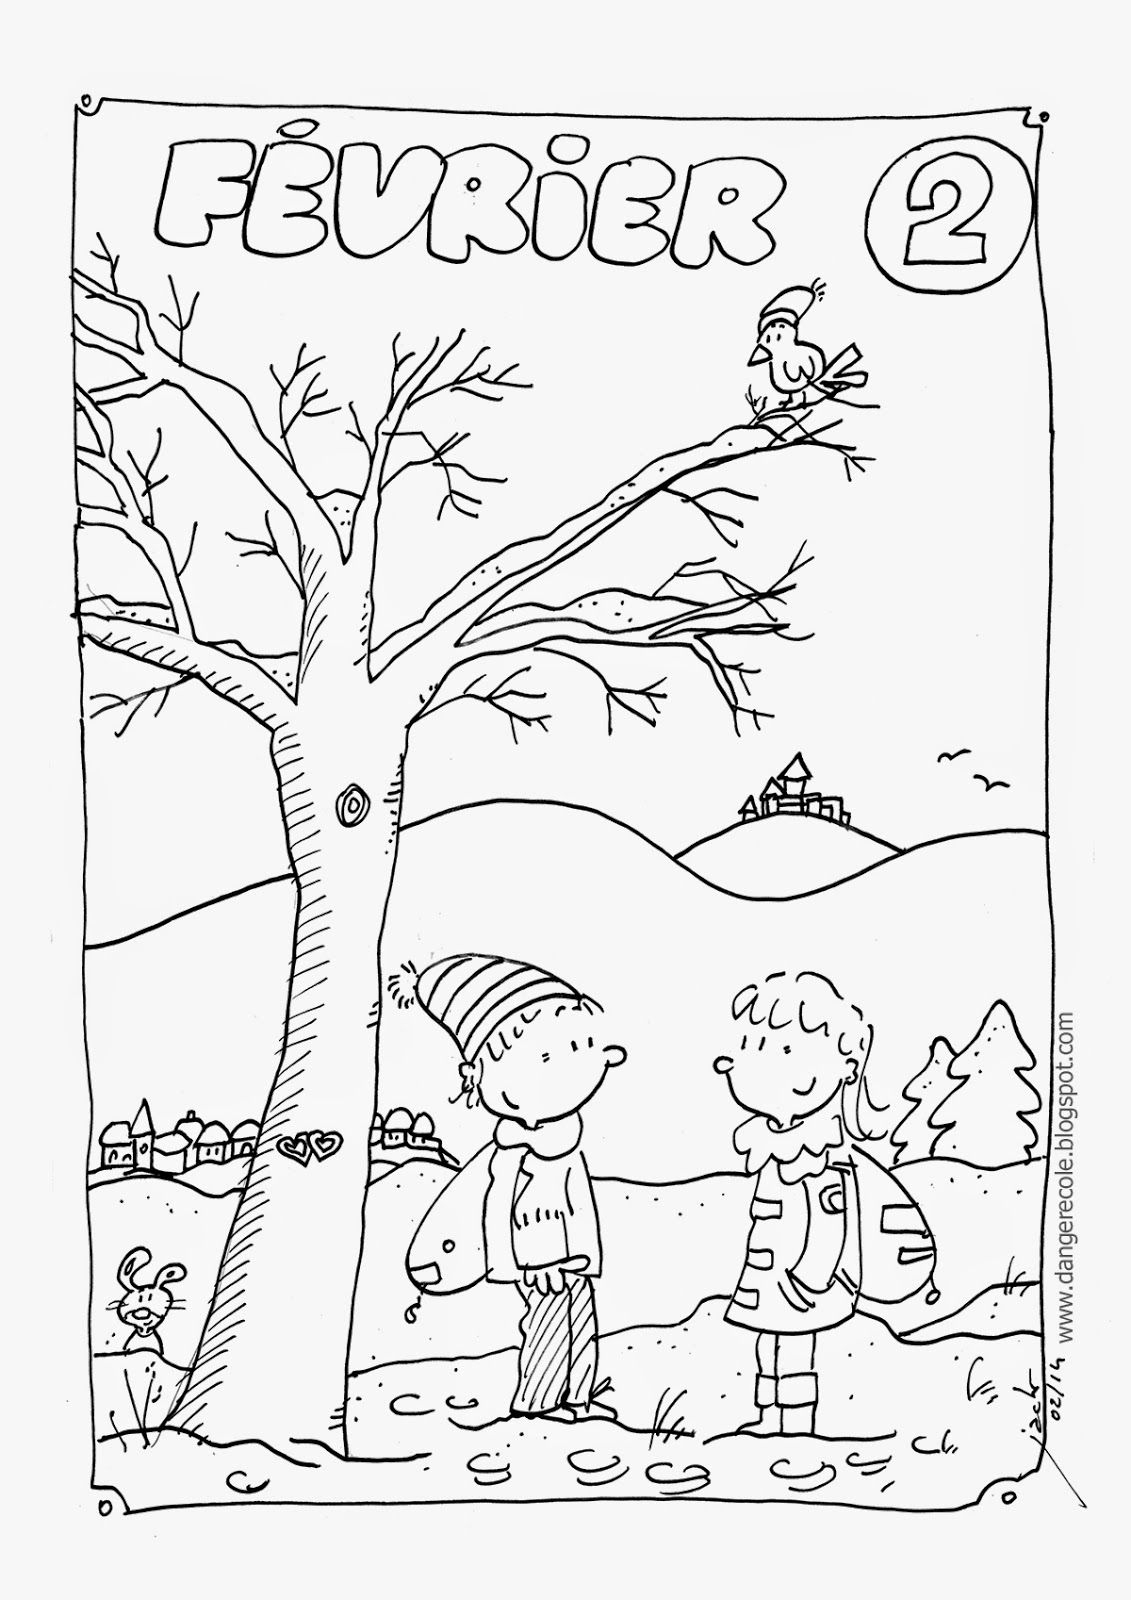 Affichages Utiles En Vrac (Avec Images) | Coloriage Janvier tout Coloriage Février